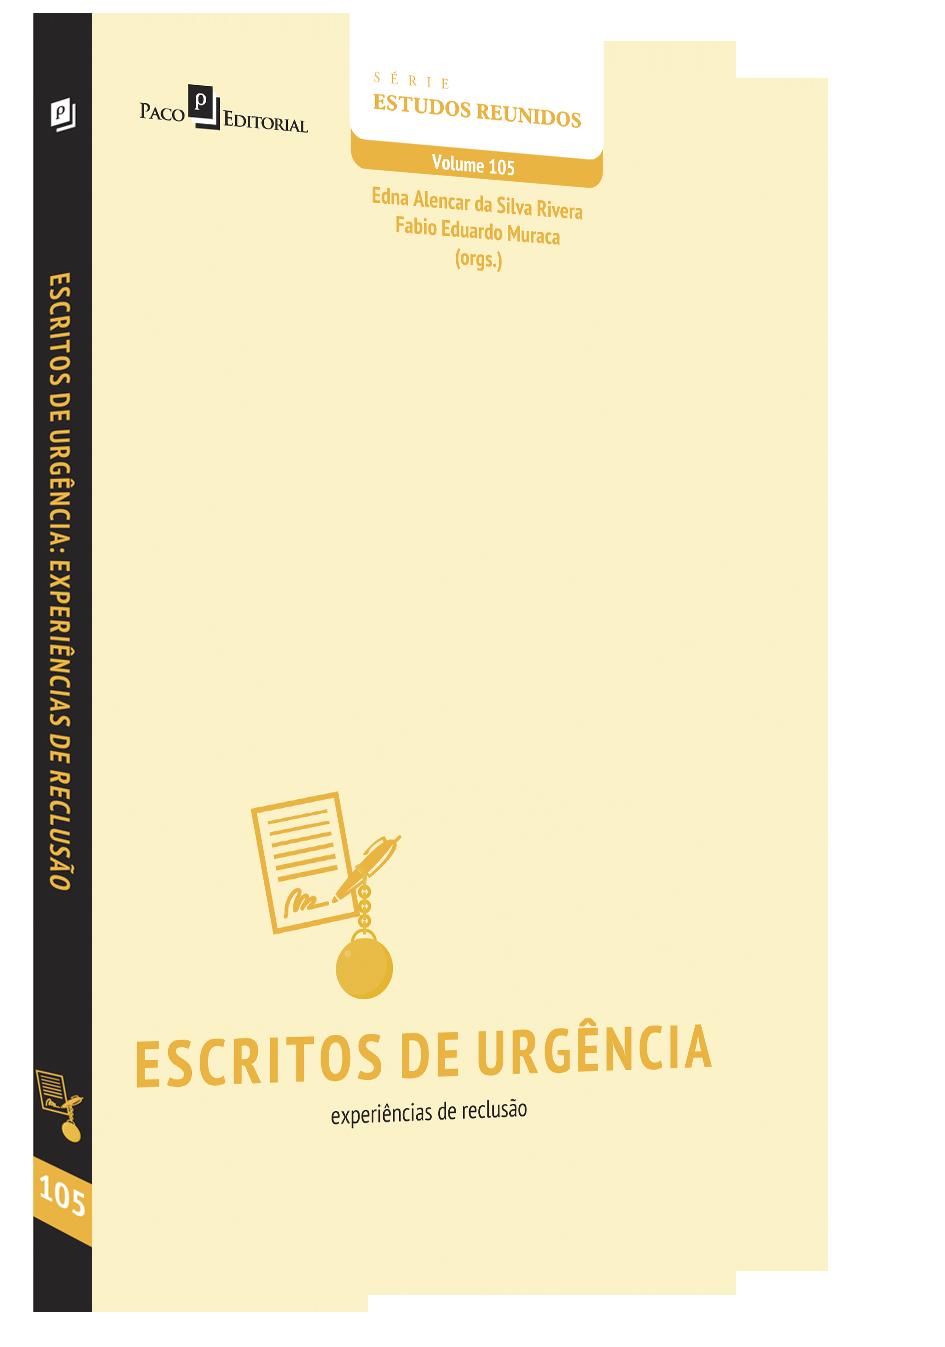 Escritos de Urgência: experiências de reclusão